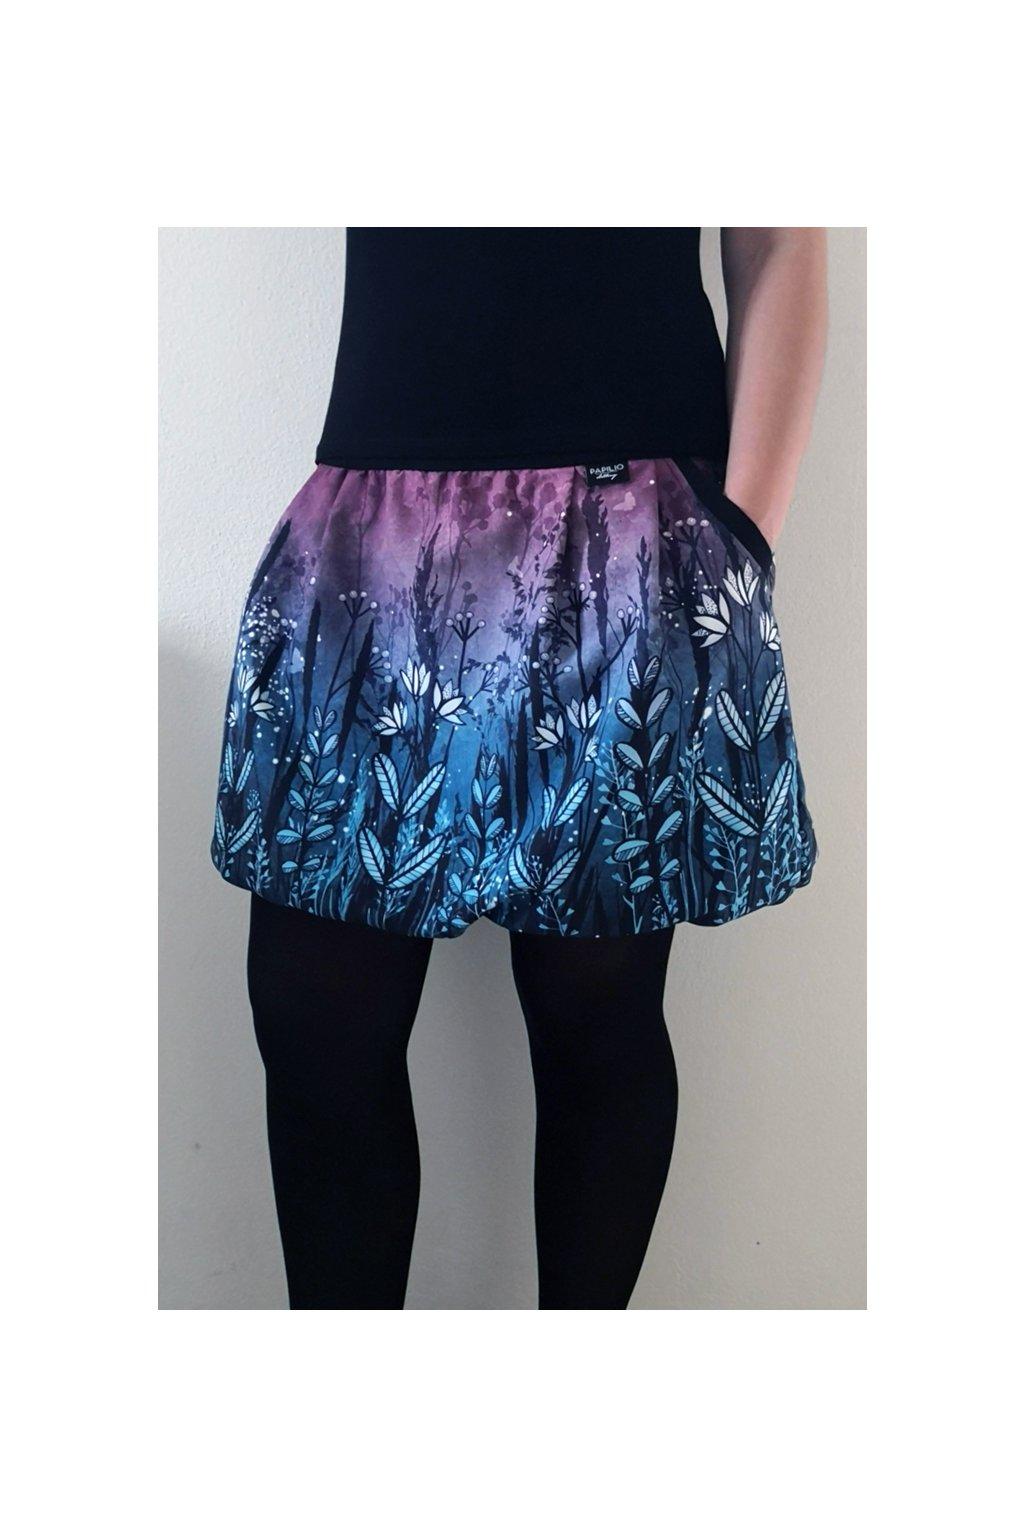 SKLADEM - balonová sukně Louka modrá | micropeach